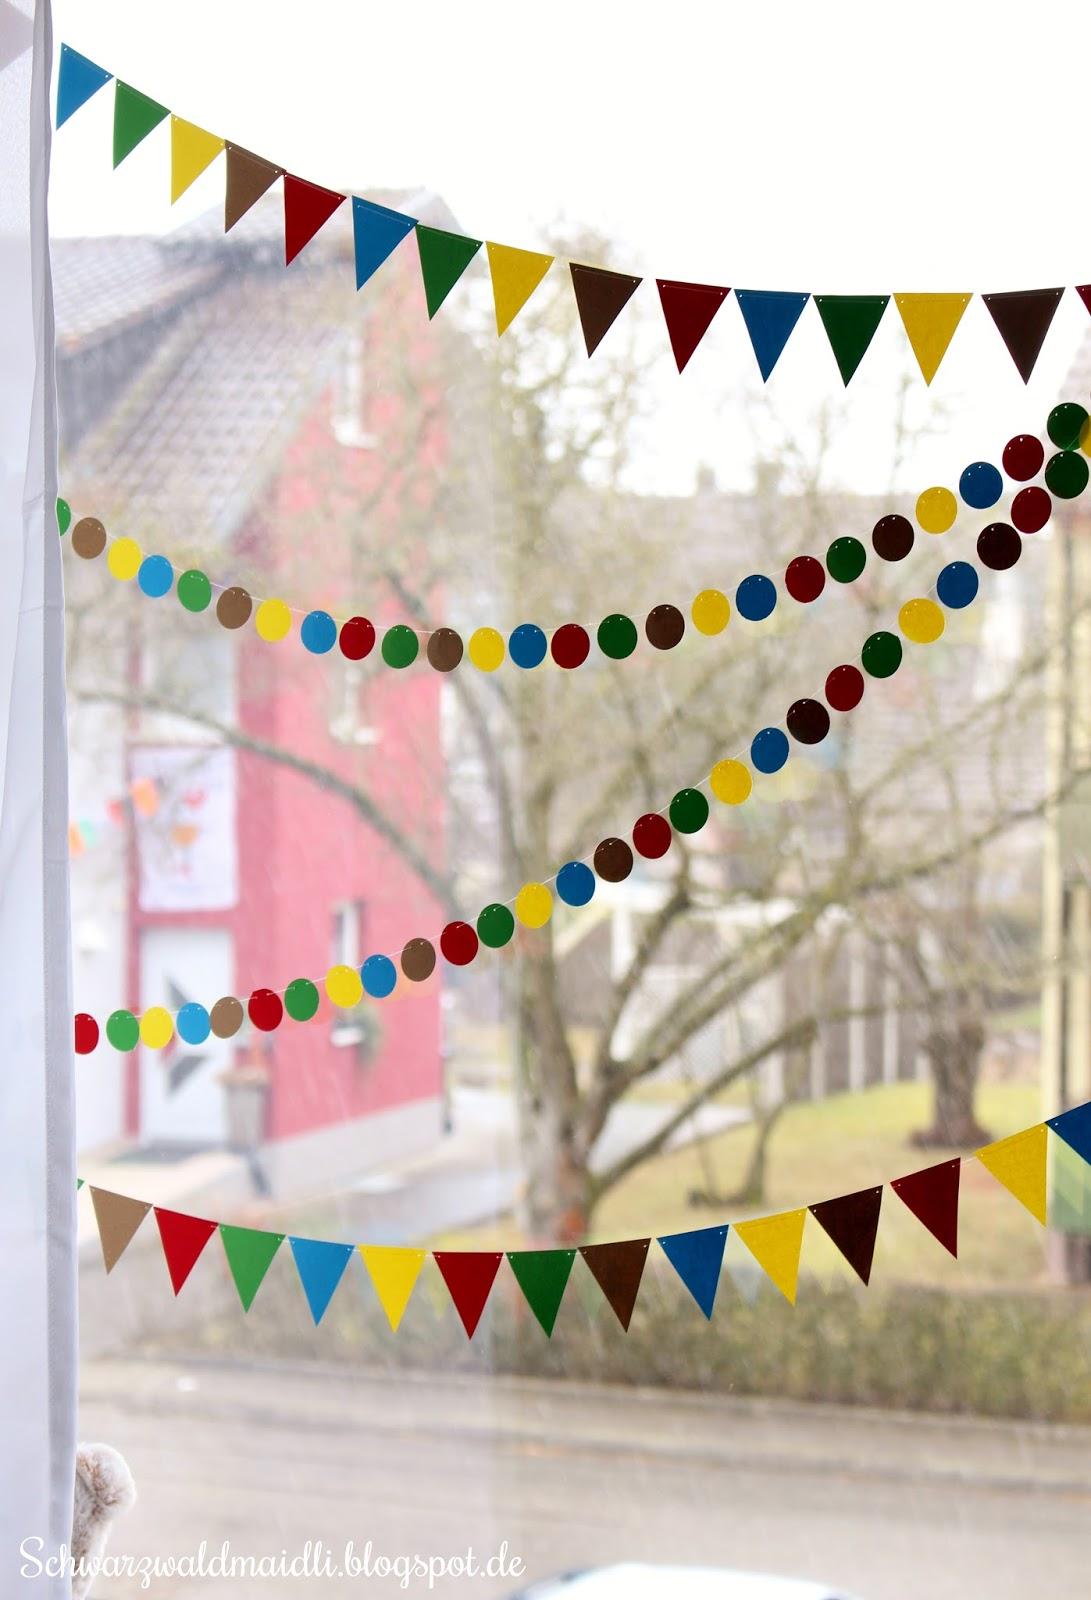 Schwarzwaldmaidli diy n rrische fensterdeko im kinderzimmer for Kinderzimmer fensterdeko